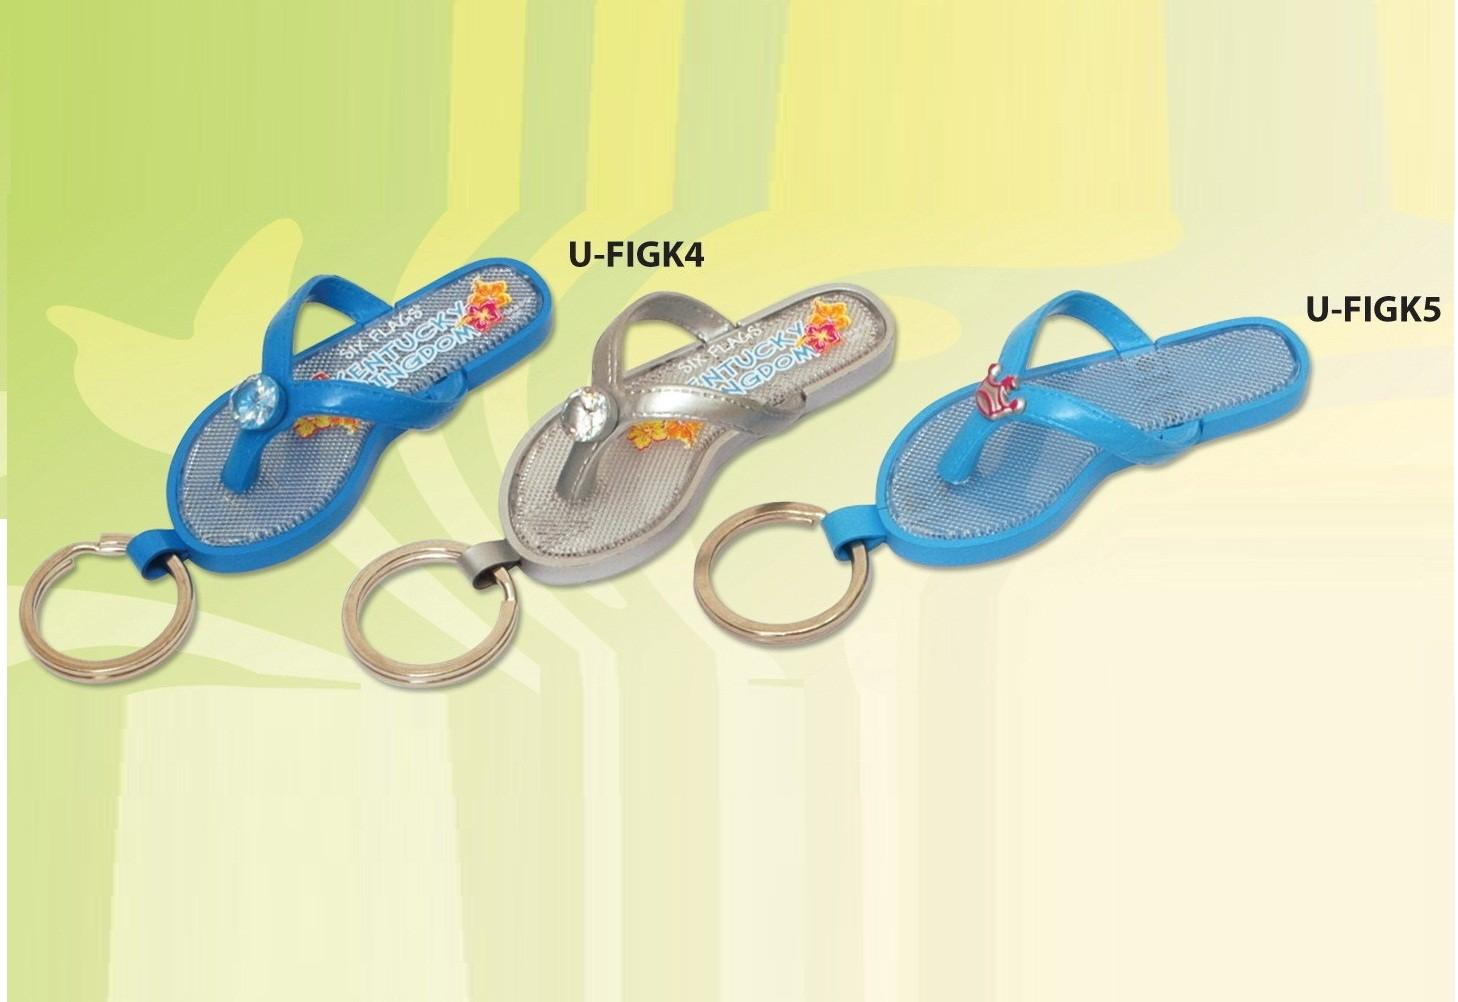 U-FIGK4